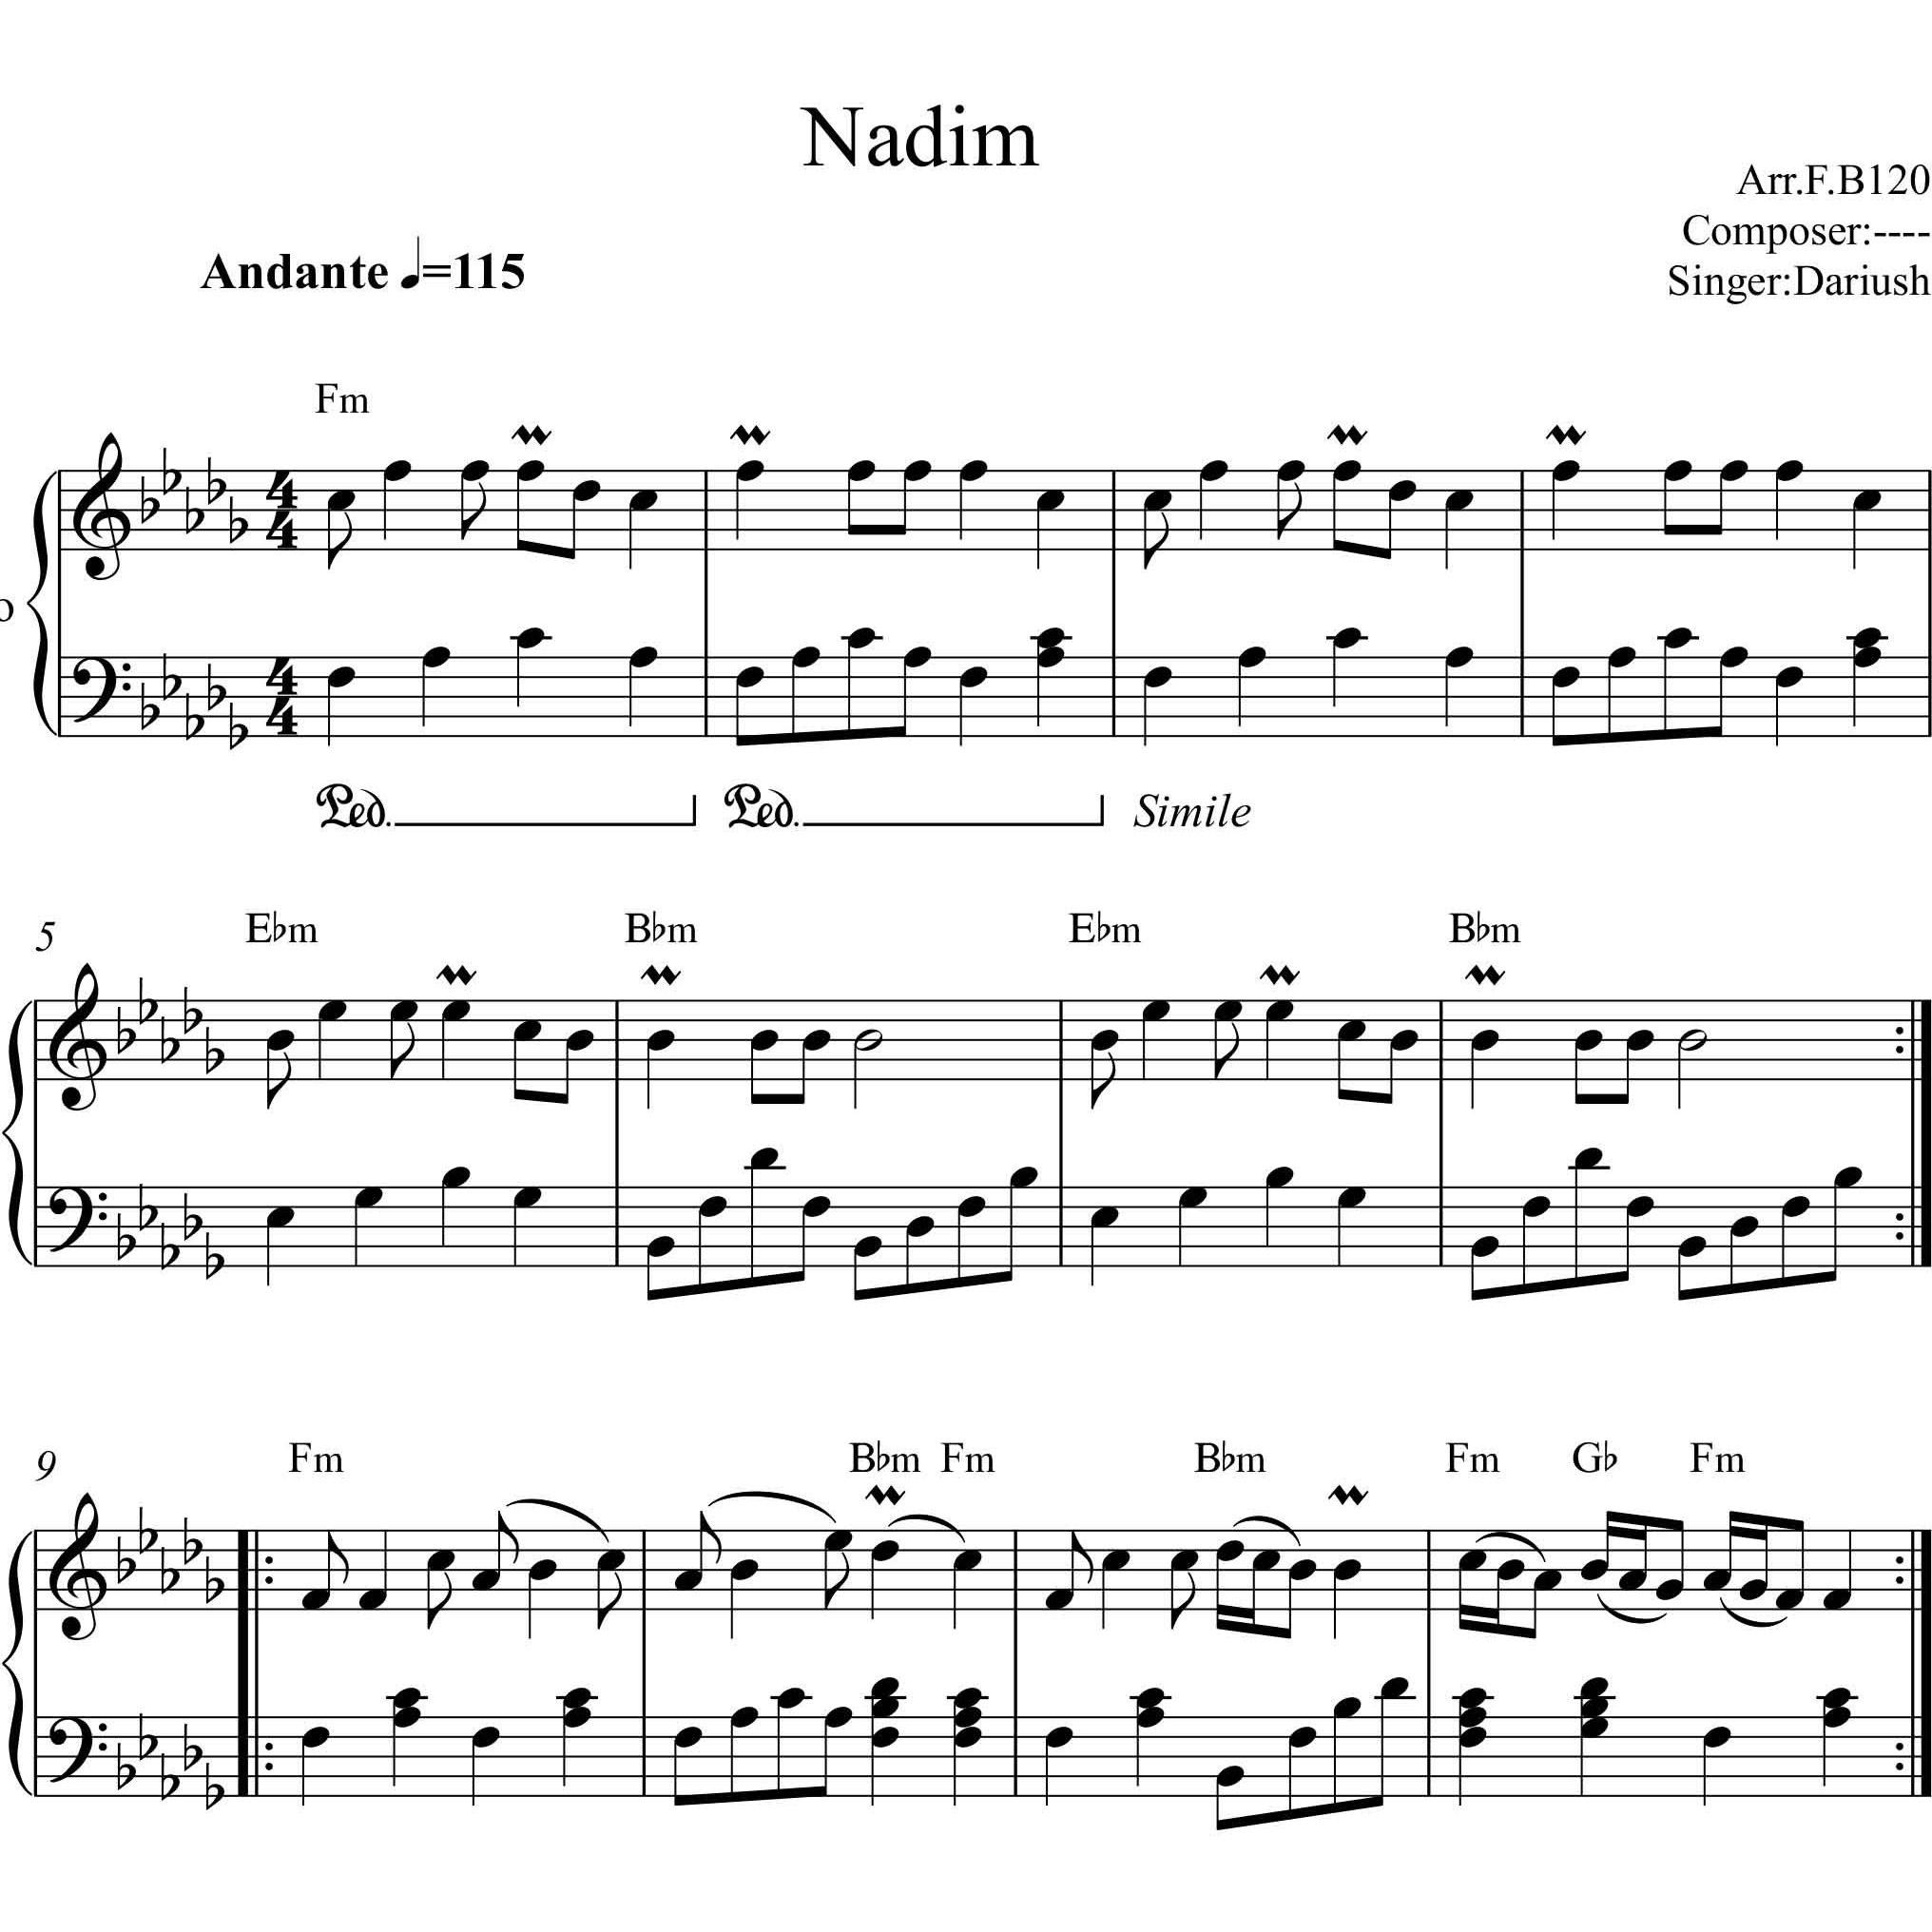 عکس نت پیانو ندیم داریوش به همراه آکورد  نت-پیانو-ندیم-داریوش-به-همراه-اکورد